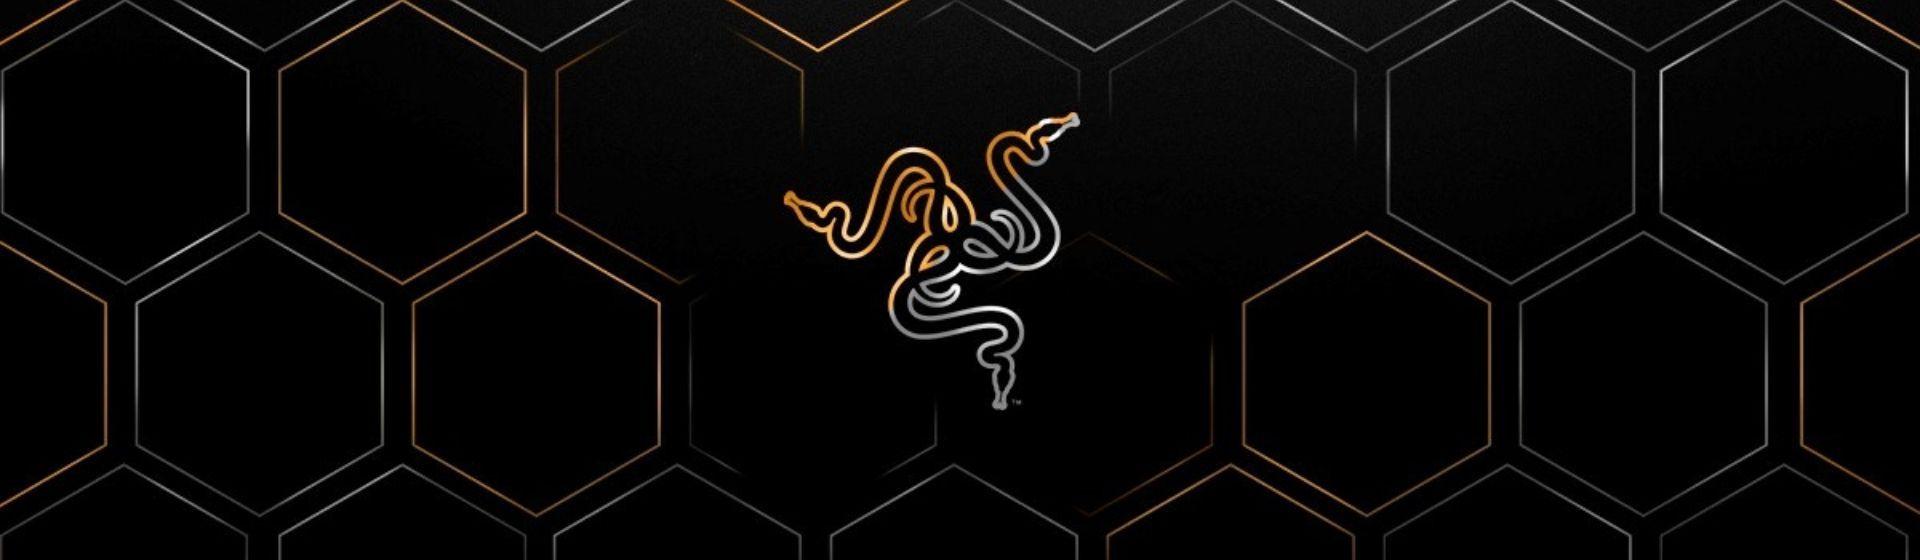 Logo da Razer dourado no fundo preto com hexágonos